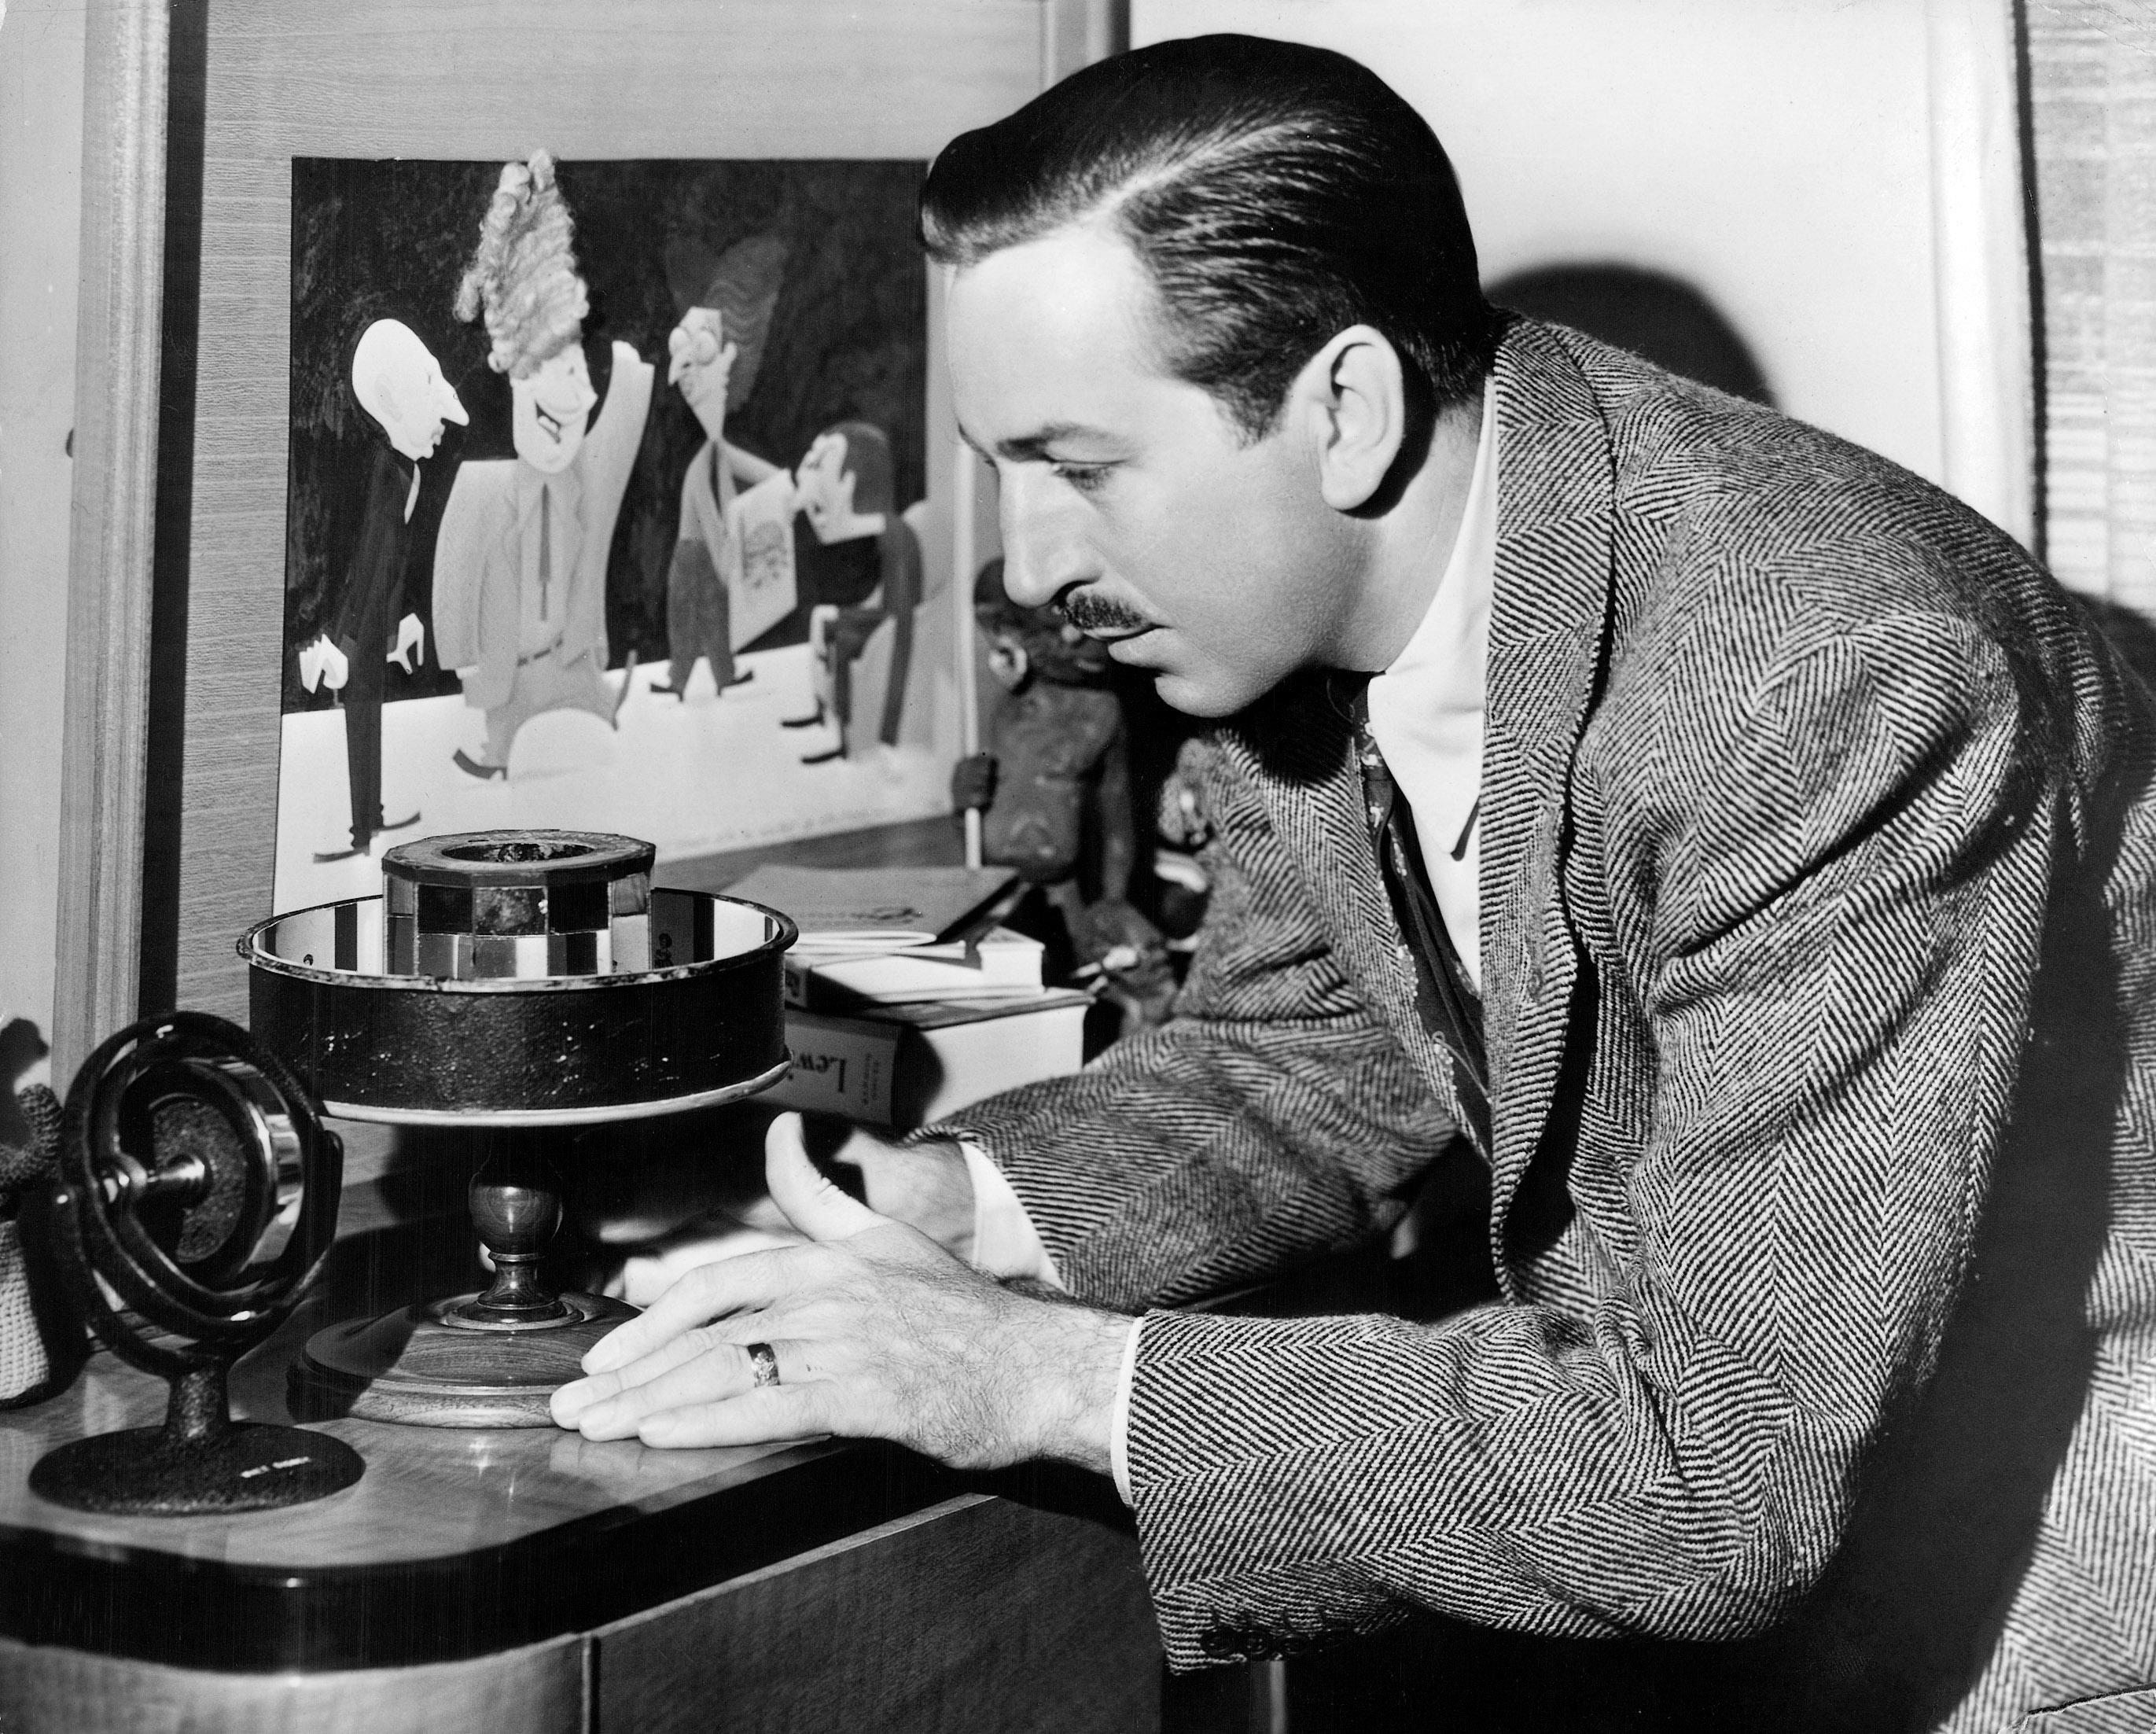 American producer Walt Disney (1901-1966) c. 1945